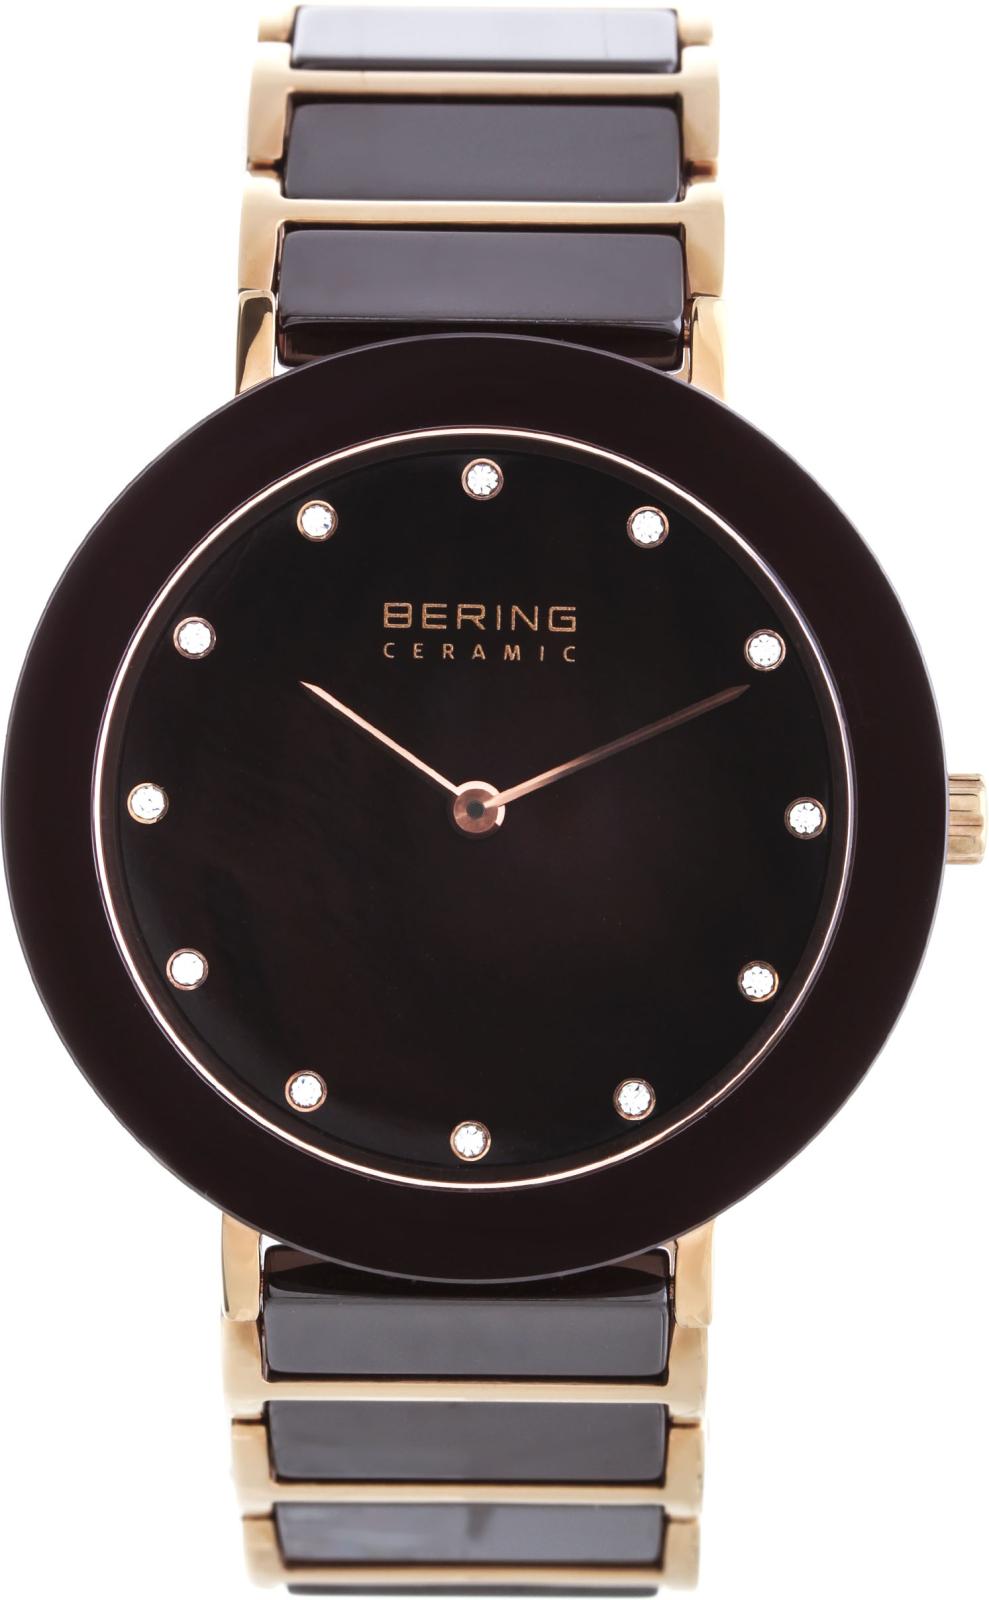 Bering Ceramic 11435-765Наручные часы<br>Датские часы Bering Ceramic 11435-765<br><br>Пол: Женские<br>Страна-производитель: Дания<br>Механизм: Кварцевый<br>Материал корпуса: Сталь<br>Материал ремня/браслета: Сталь<br>Водозащита, диапазон: 20 - 100 м<br>Стекло: Сапфировое<br>Толщина корпуса: None<br>Стиль: Классика